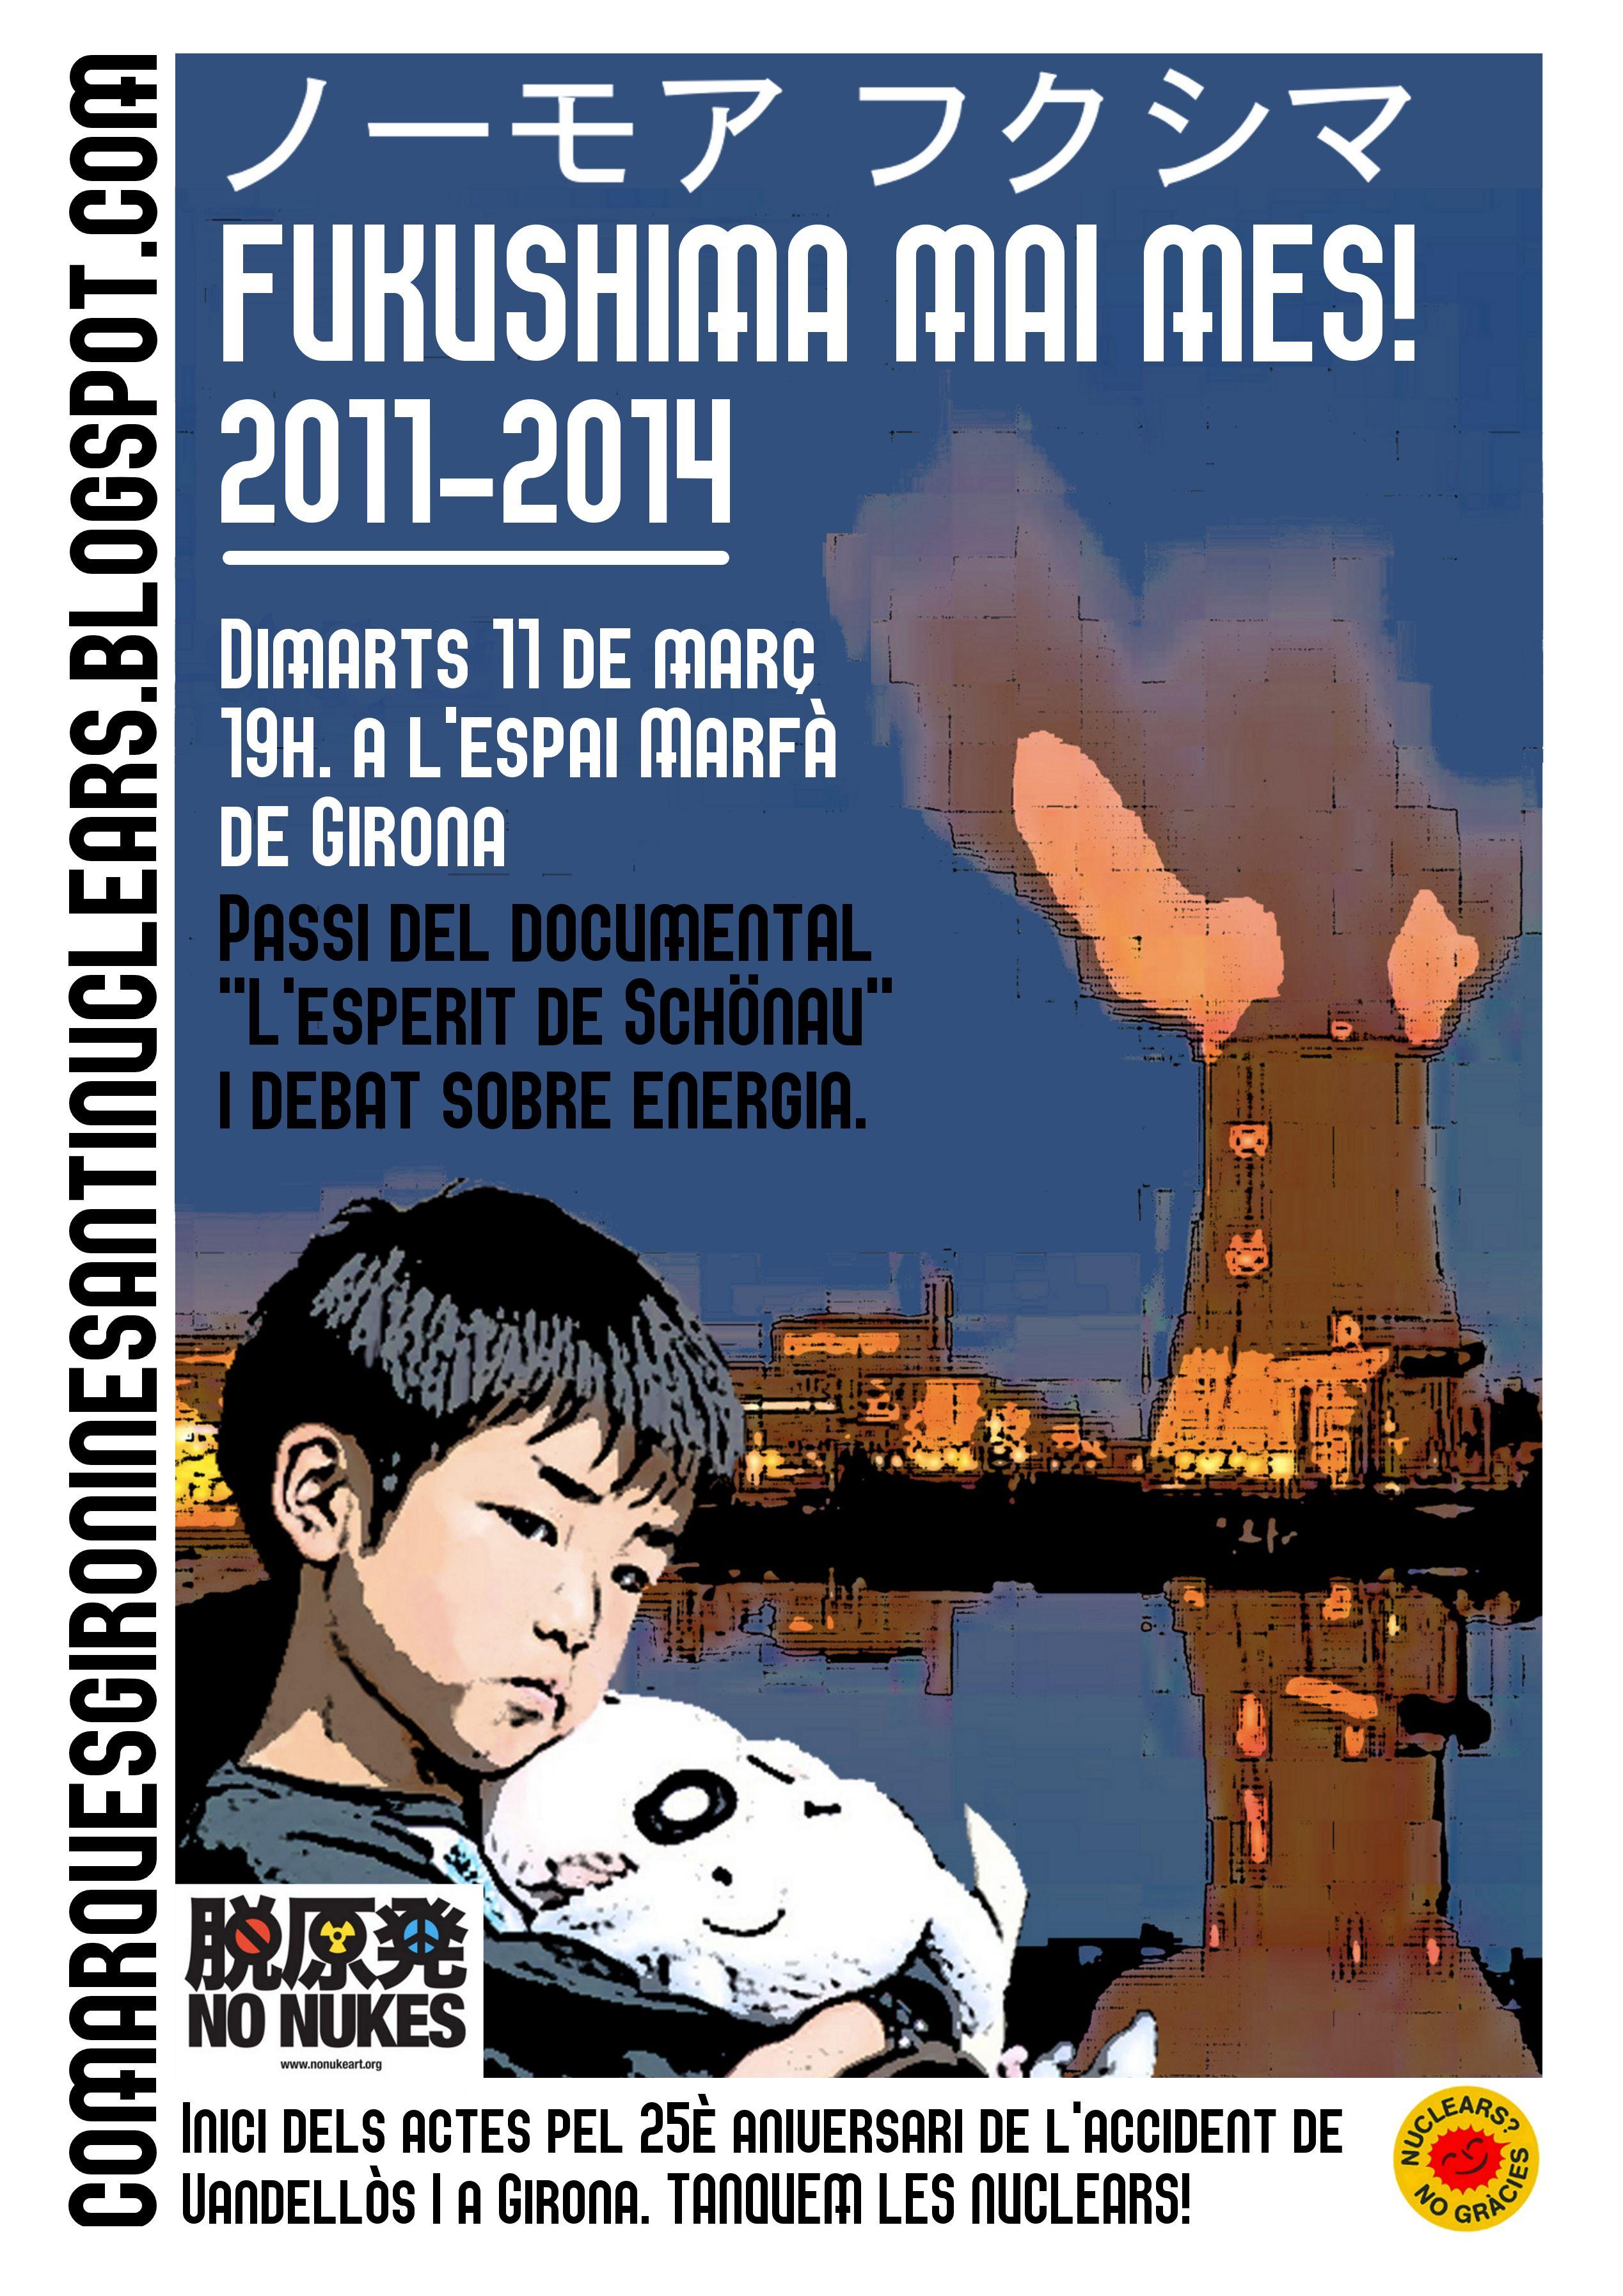 """Passi del documental """"L'esperit de Schönau"""" dia 11 de març a les 19h. Inici dels actes pel 25è aniversari de l'accident de Vandellòs a Girona. Fukushima mai més!"""